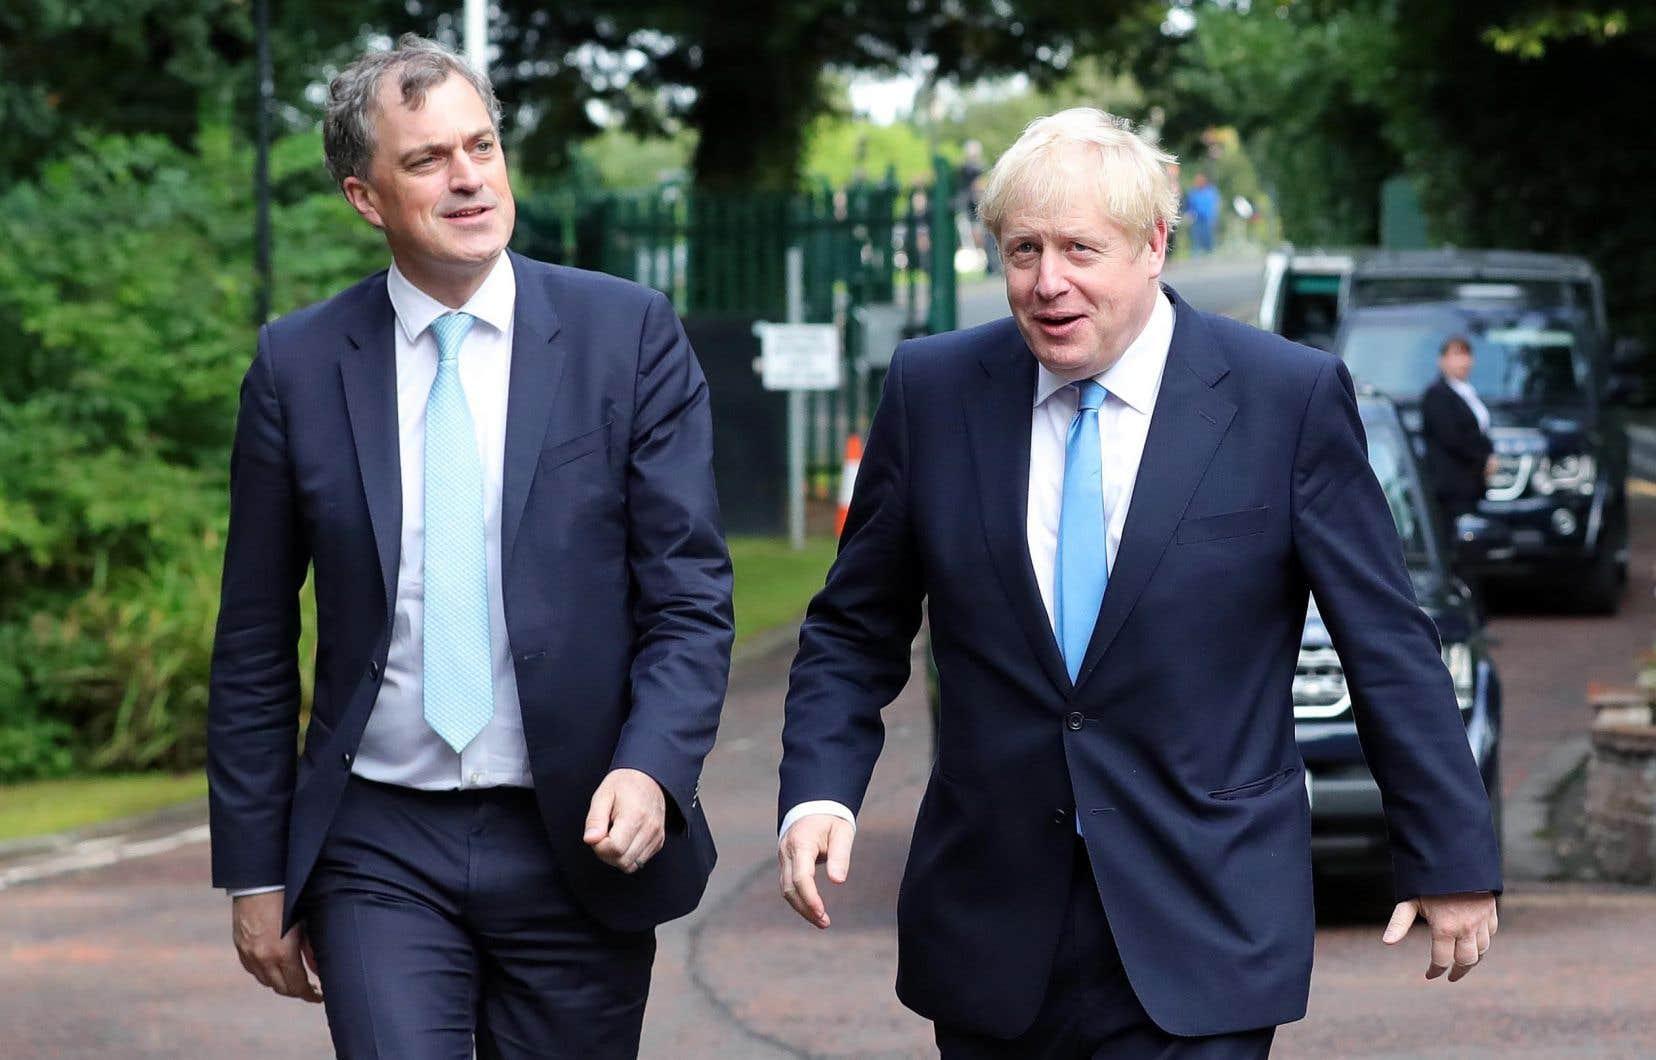 Mercredi dernier, Boris Johnson (à droite sur la photo) a nomméJulian Smith (à gauche) secrétaire d'État pour l'Irlande du Nord, un poste rattaché au Royaume-Uni.